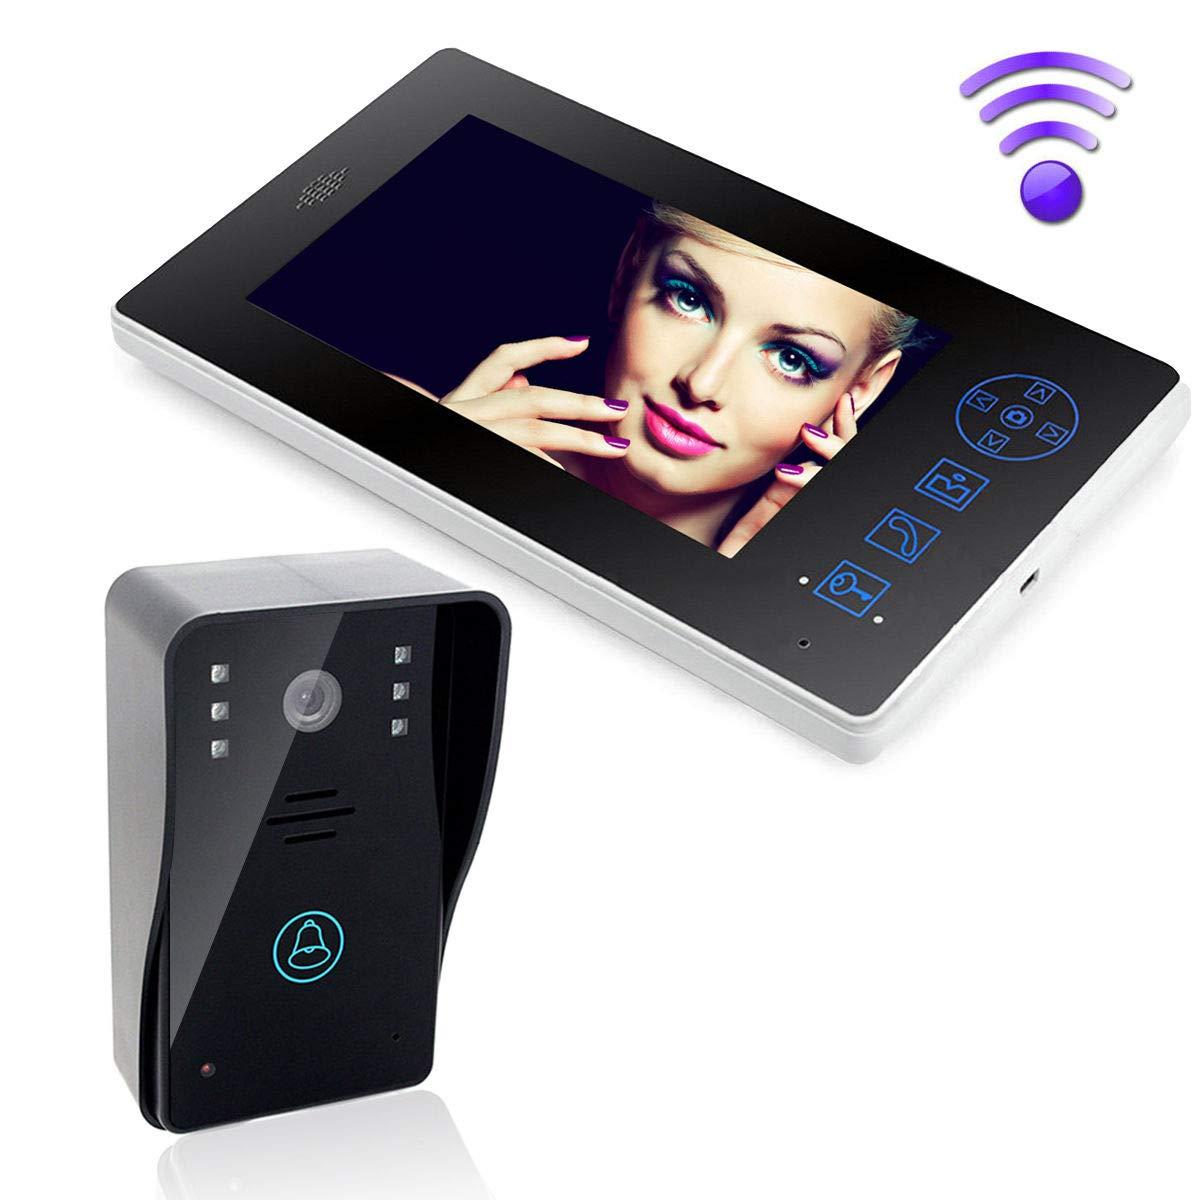 品質検査済 FidgetGear 7'' Wireless Video Door Phone Intercom Doorbell System Home Security IR Camera   B07QB2J75G, リトルシップ 6c185386